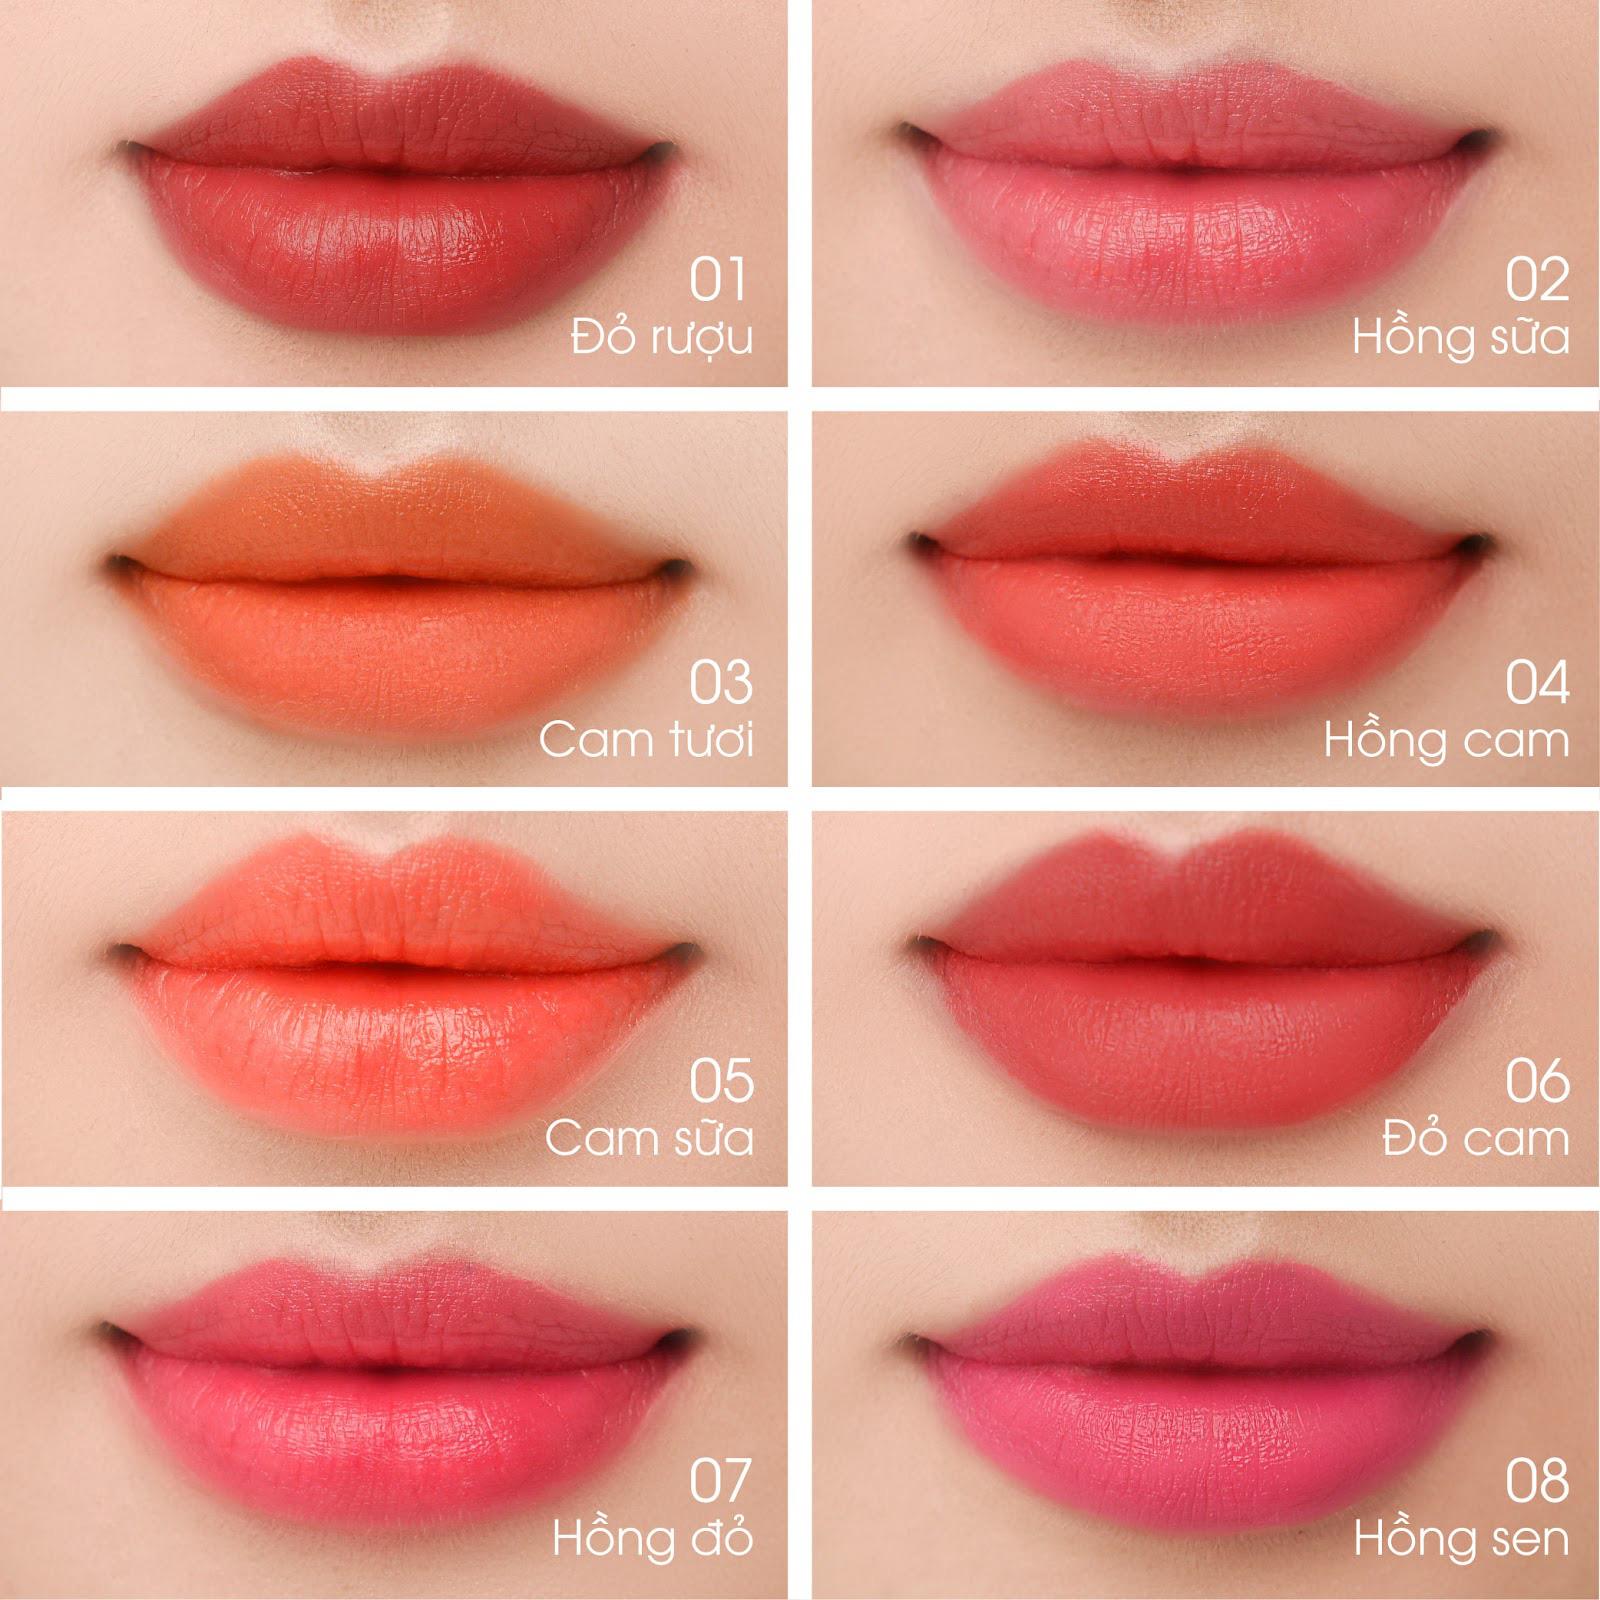 Đánh son nhiều sợ thâm môi thì đừng bỏ qua dòng son lụa không chì, an toàn lành tính này - Ảnh 6.